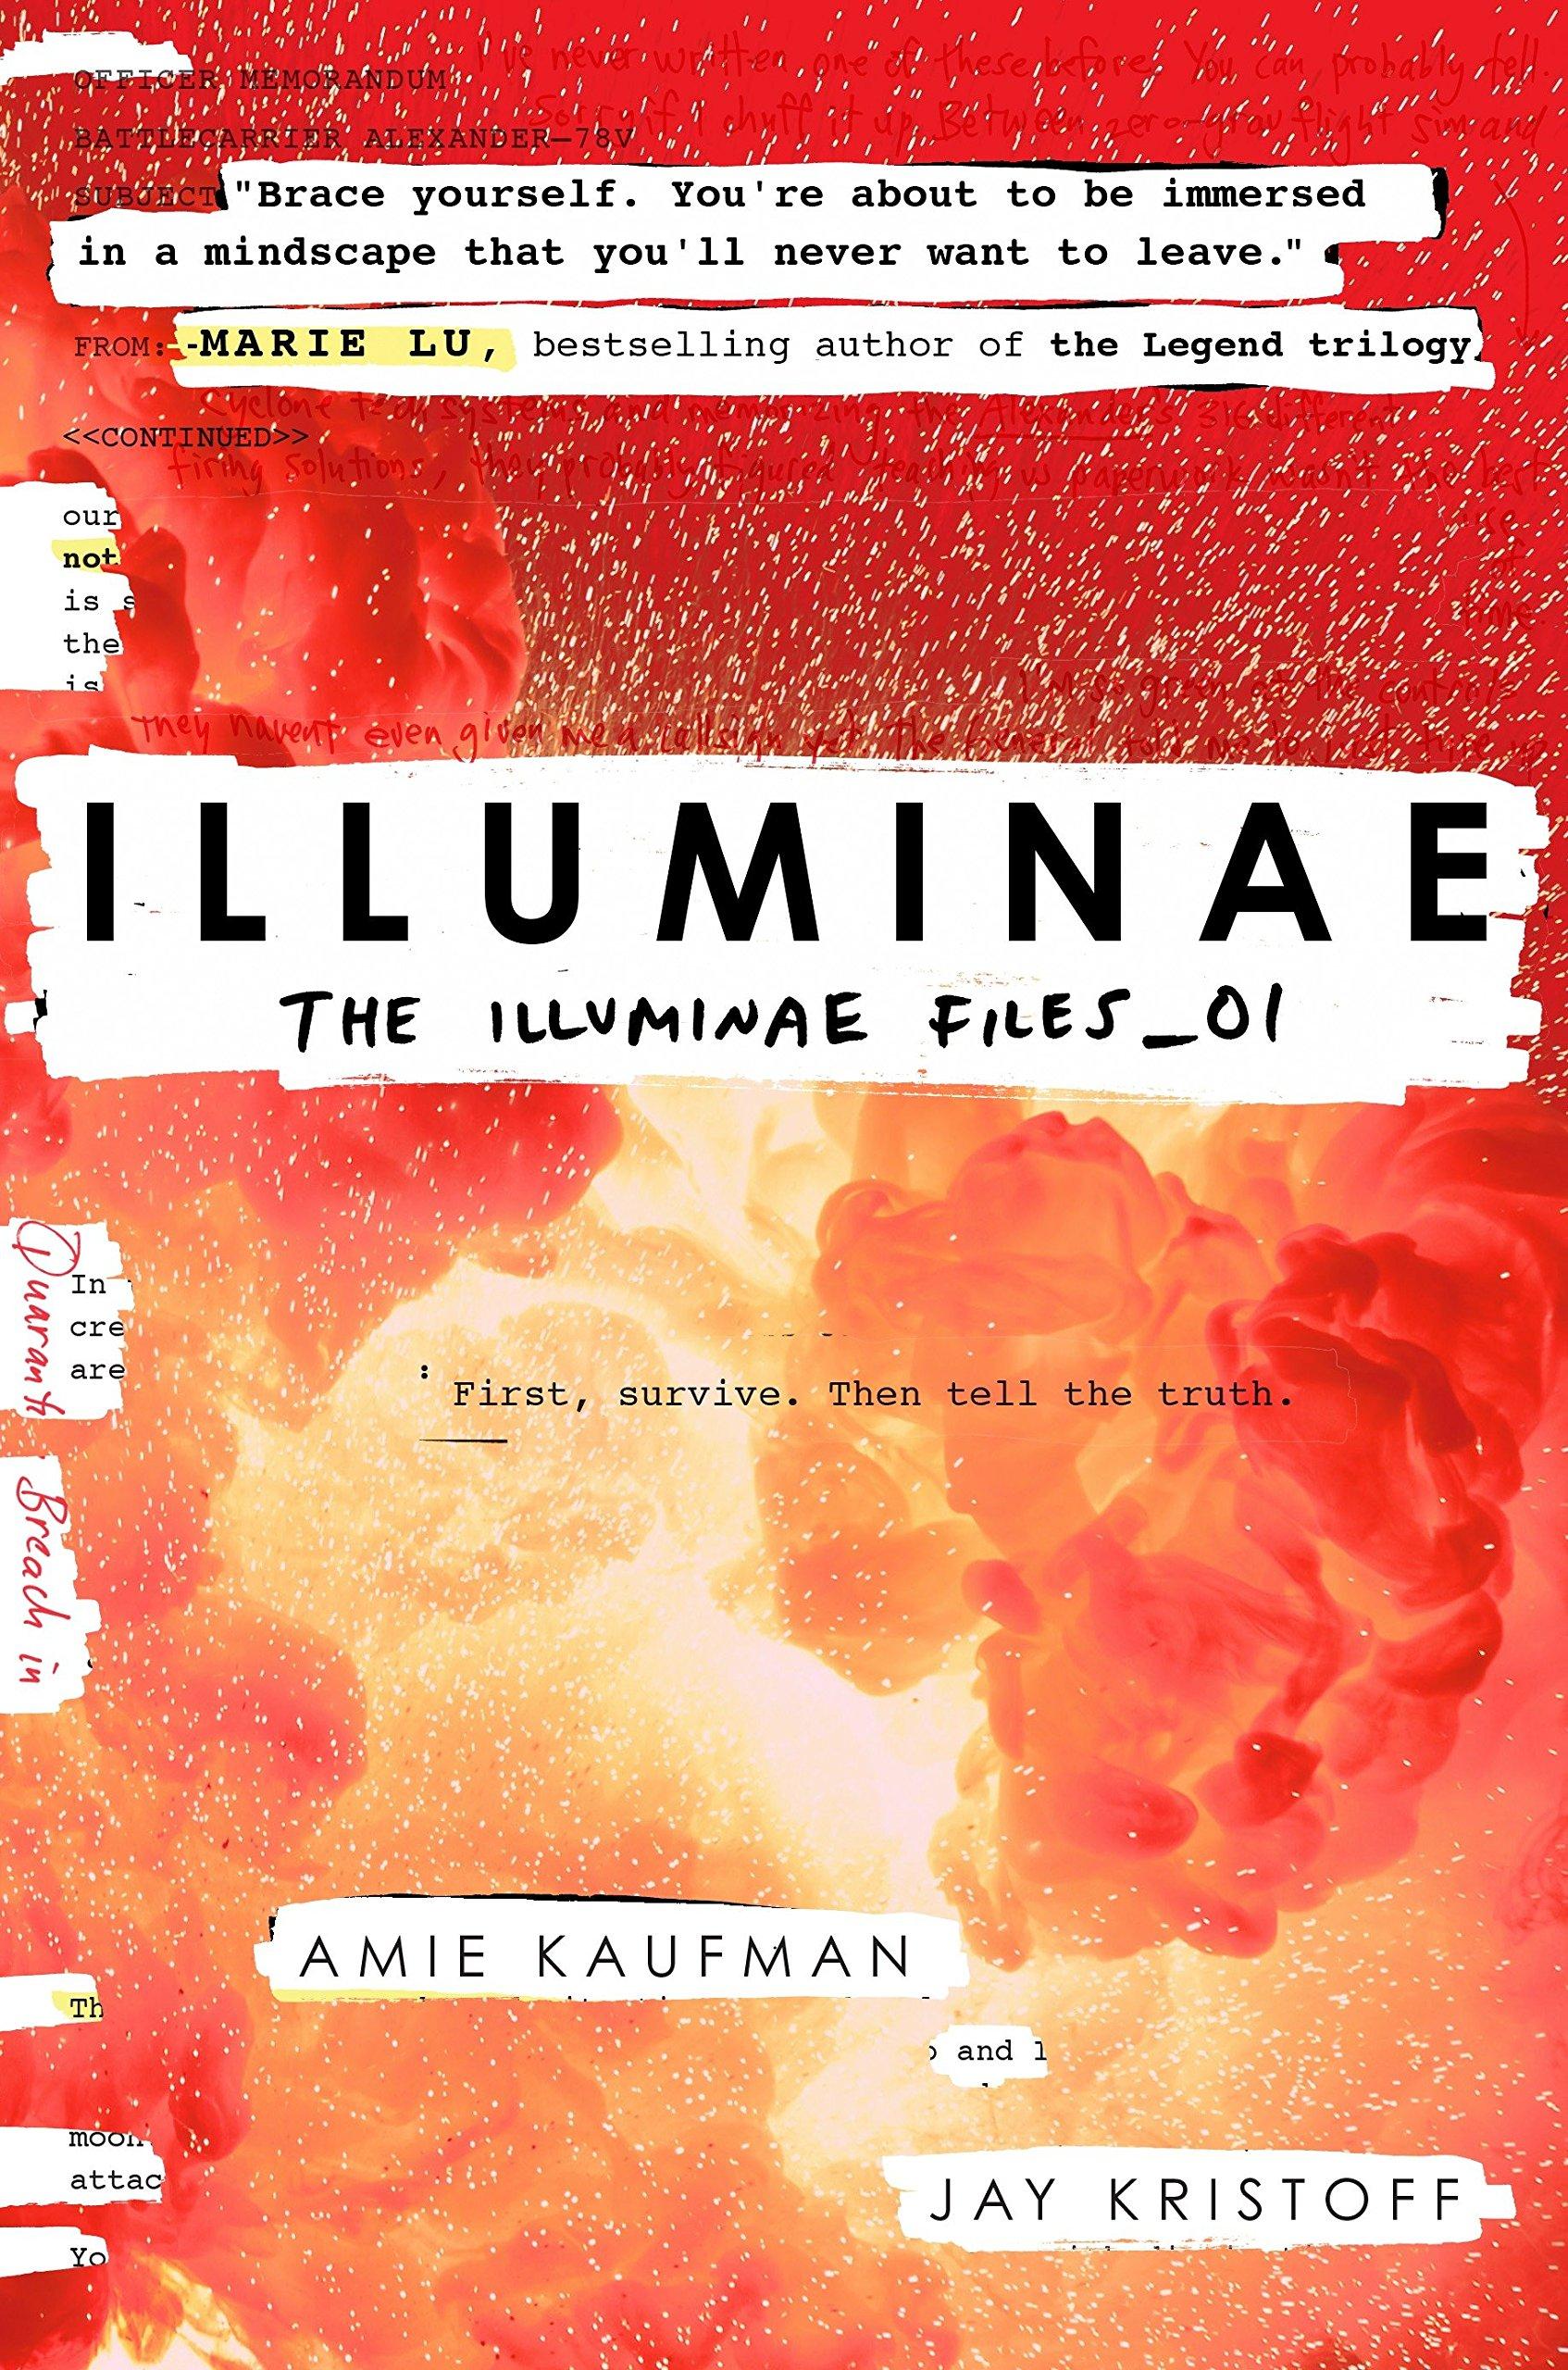 Illuminae Kaufman Kristoff